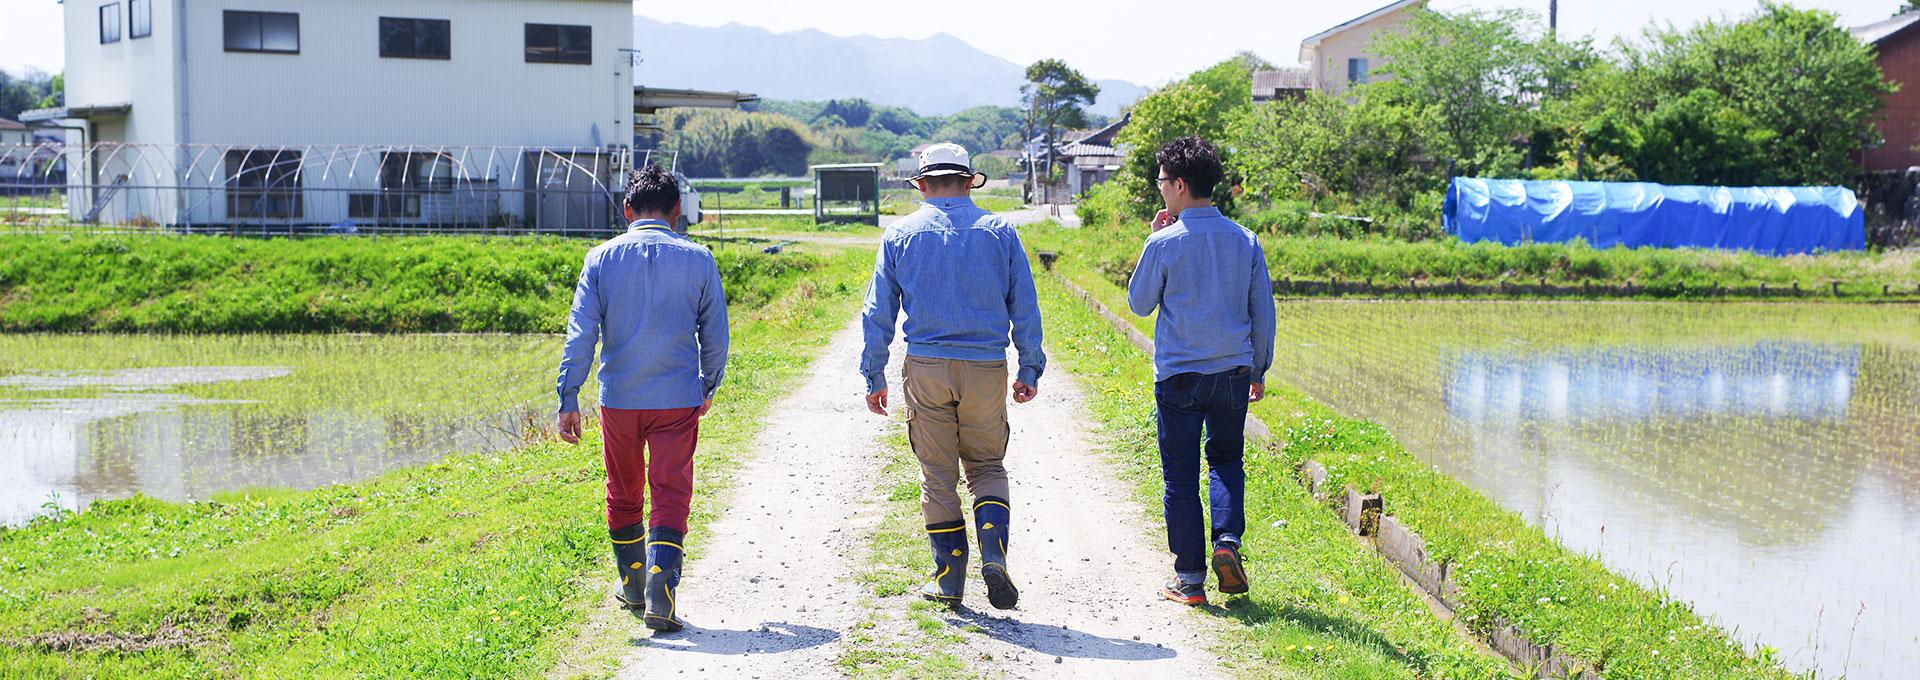 農園を歩く3人